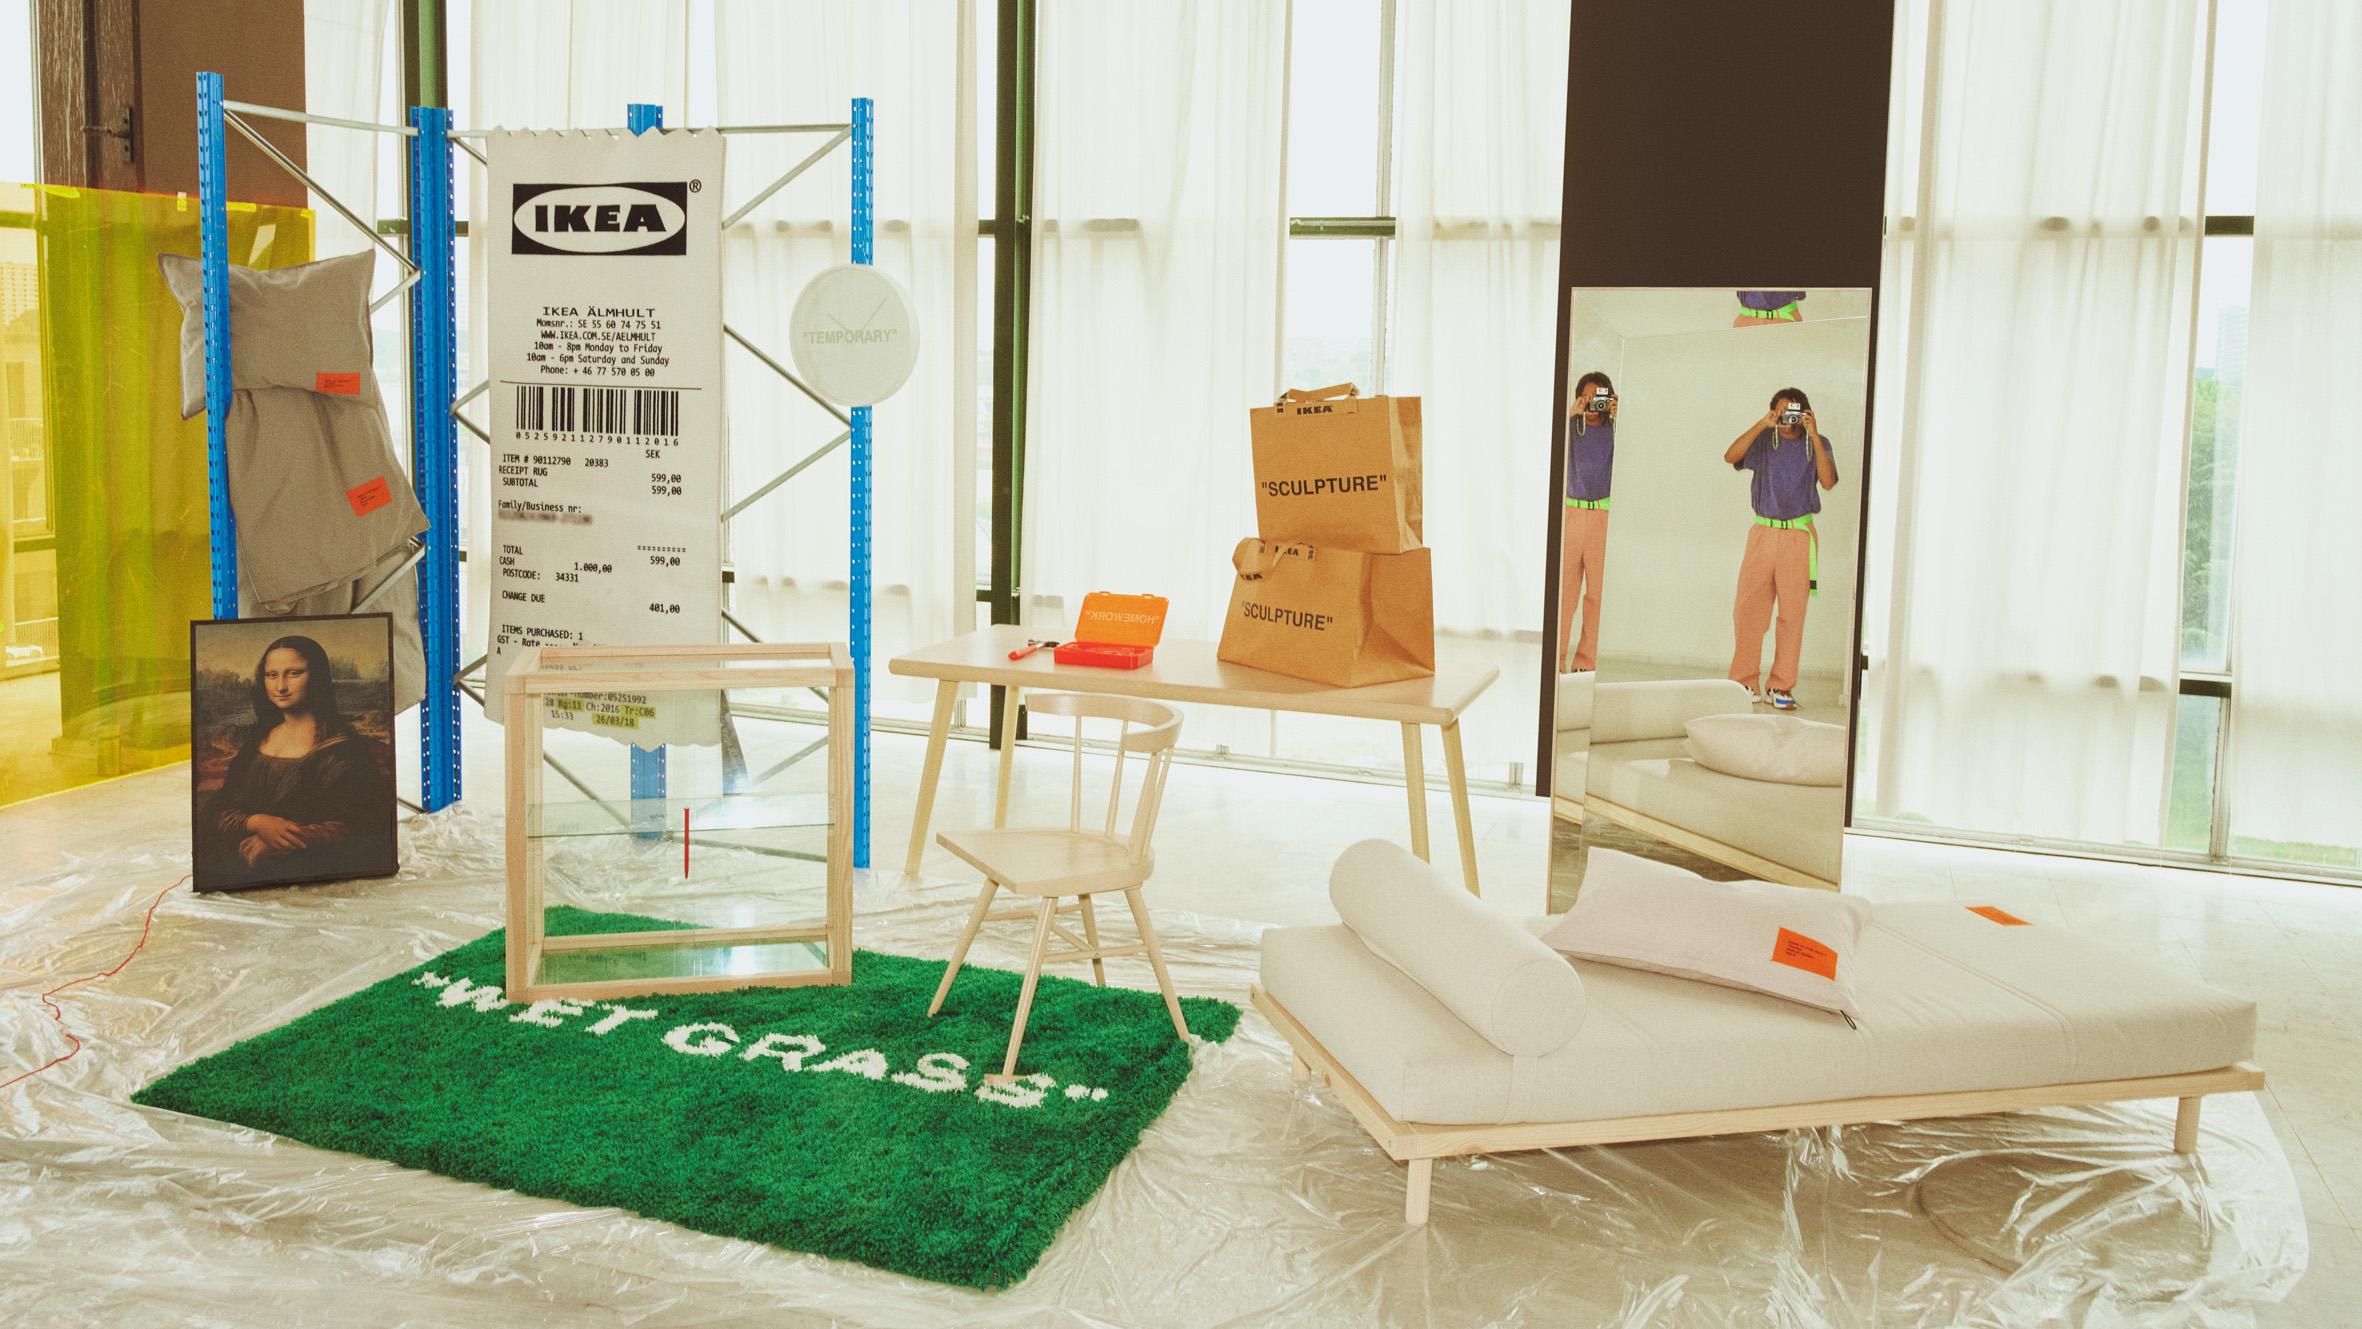 Full Size of Rückwand Küche Ikea Aktuellen Austria Pressroom Günstige Mit E Geräten Günstig Kaufen Sprüche Für Die Gardinen Unterschränke Rosa Spülbecken Kinder Wohnzimmer Rückwand Küche Ikea